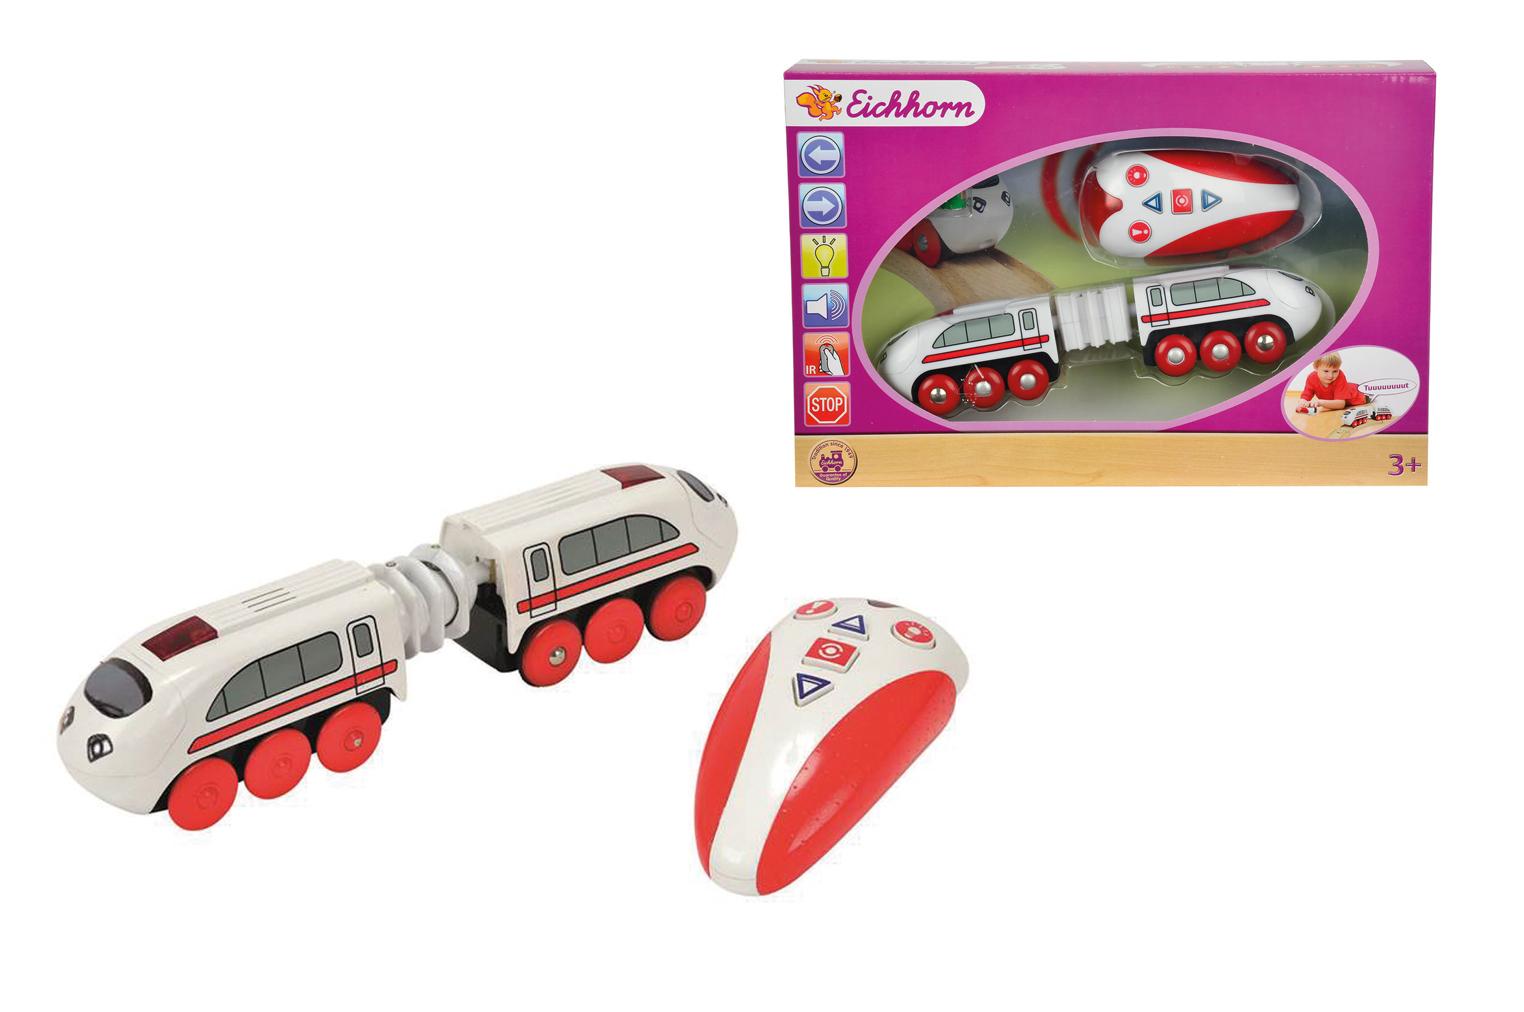 Скоростной поезд на пульте управлении - Железная дорога для малышей, артикул: 113259